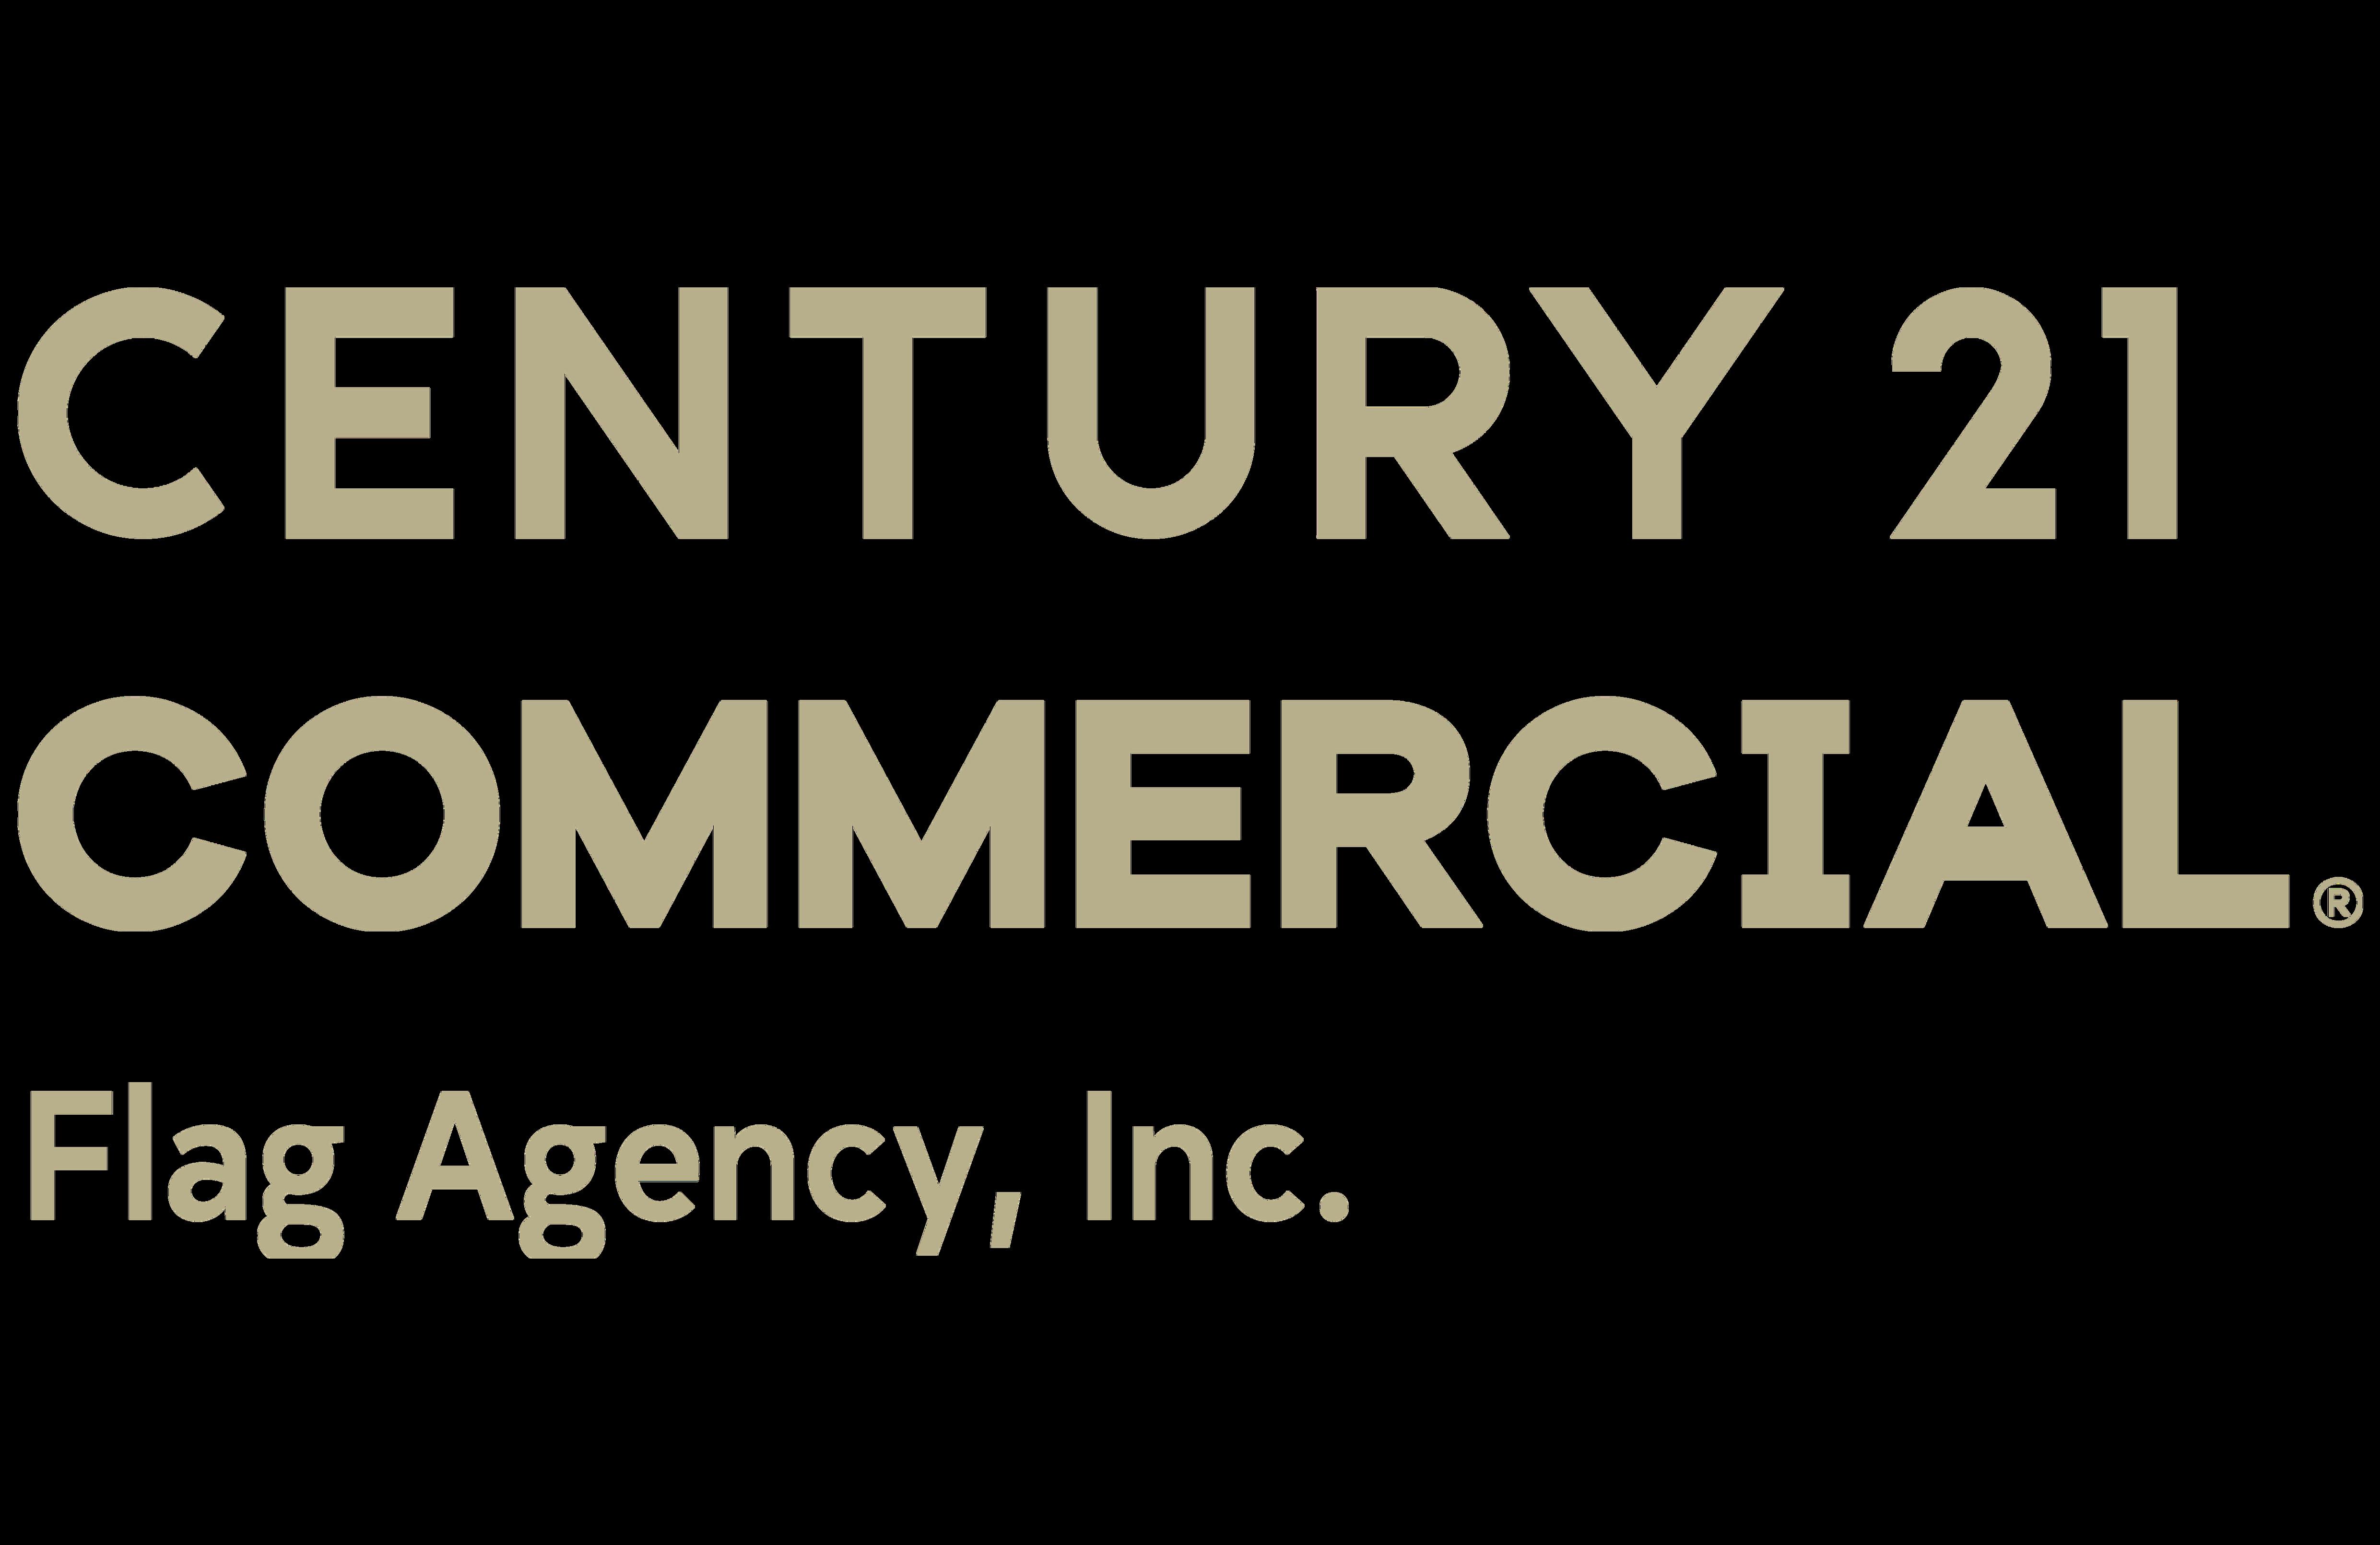 CENTURY 21 Flag Agency, Inc.